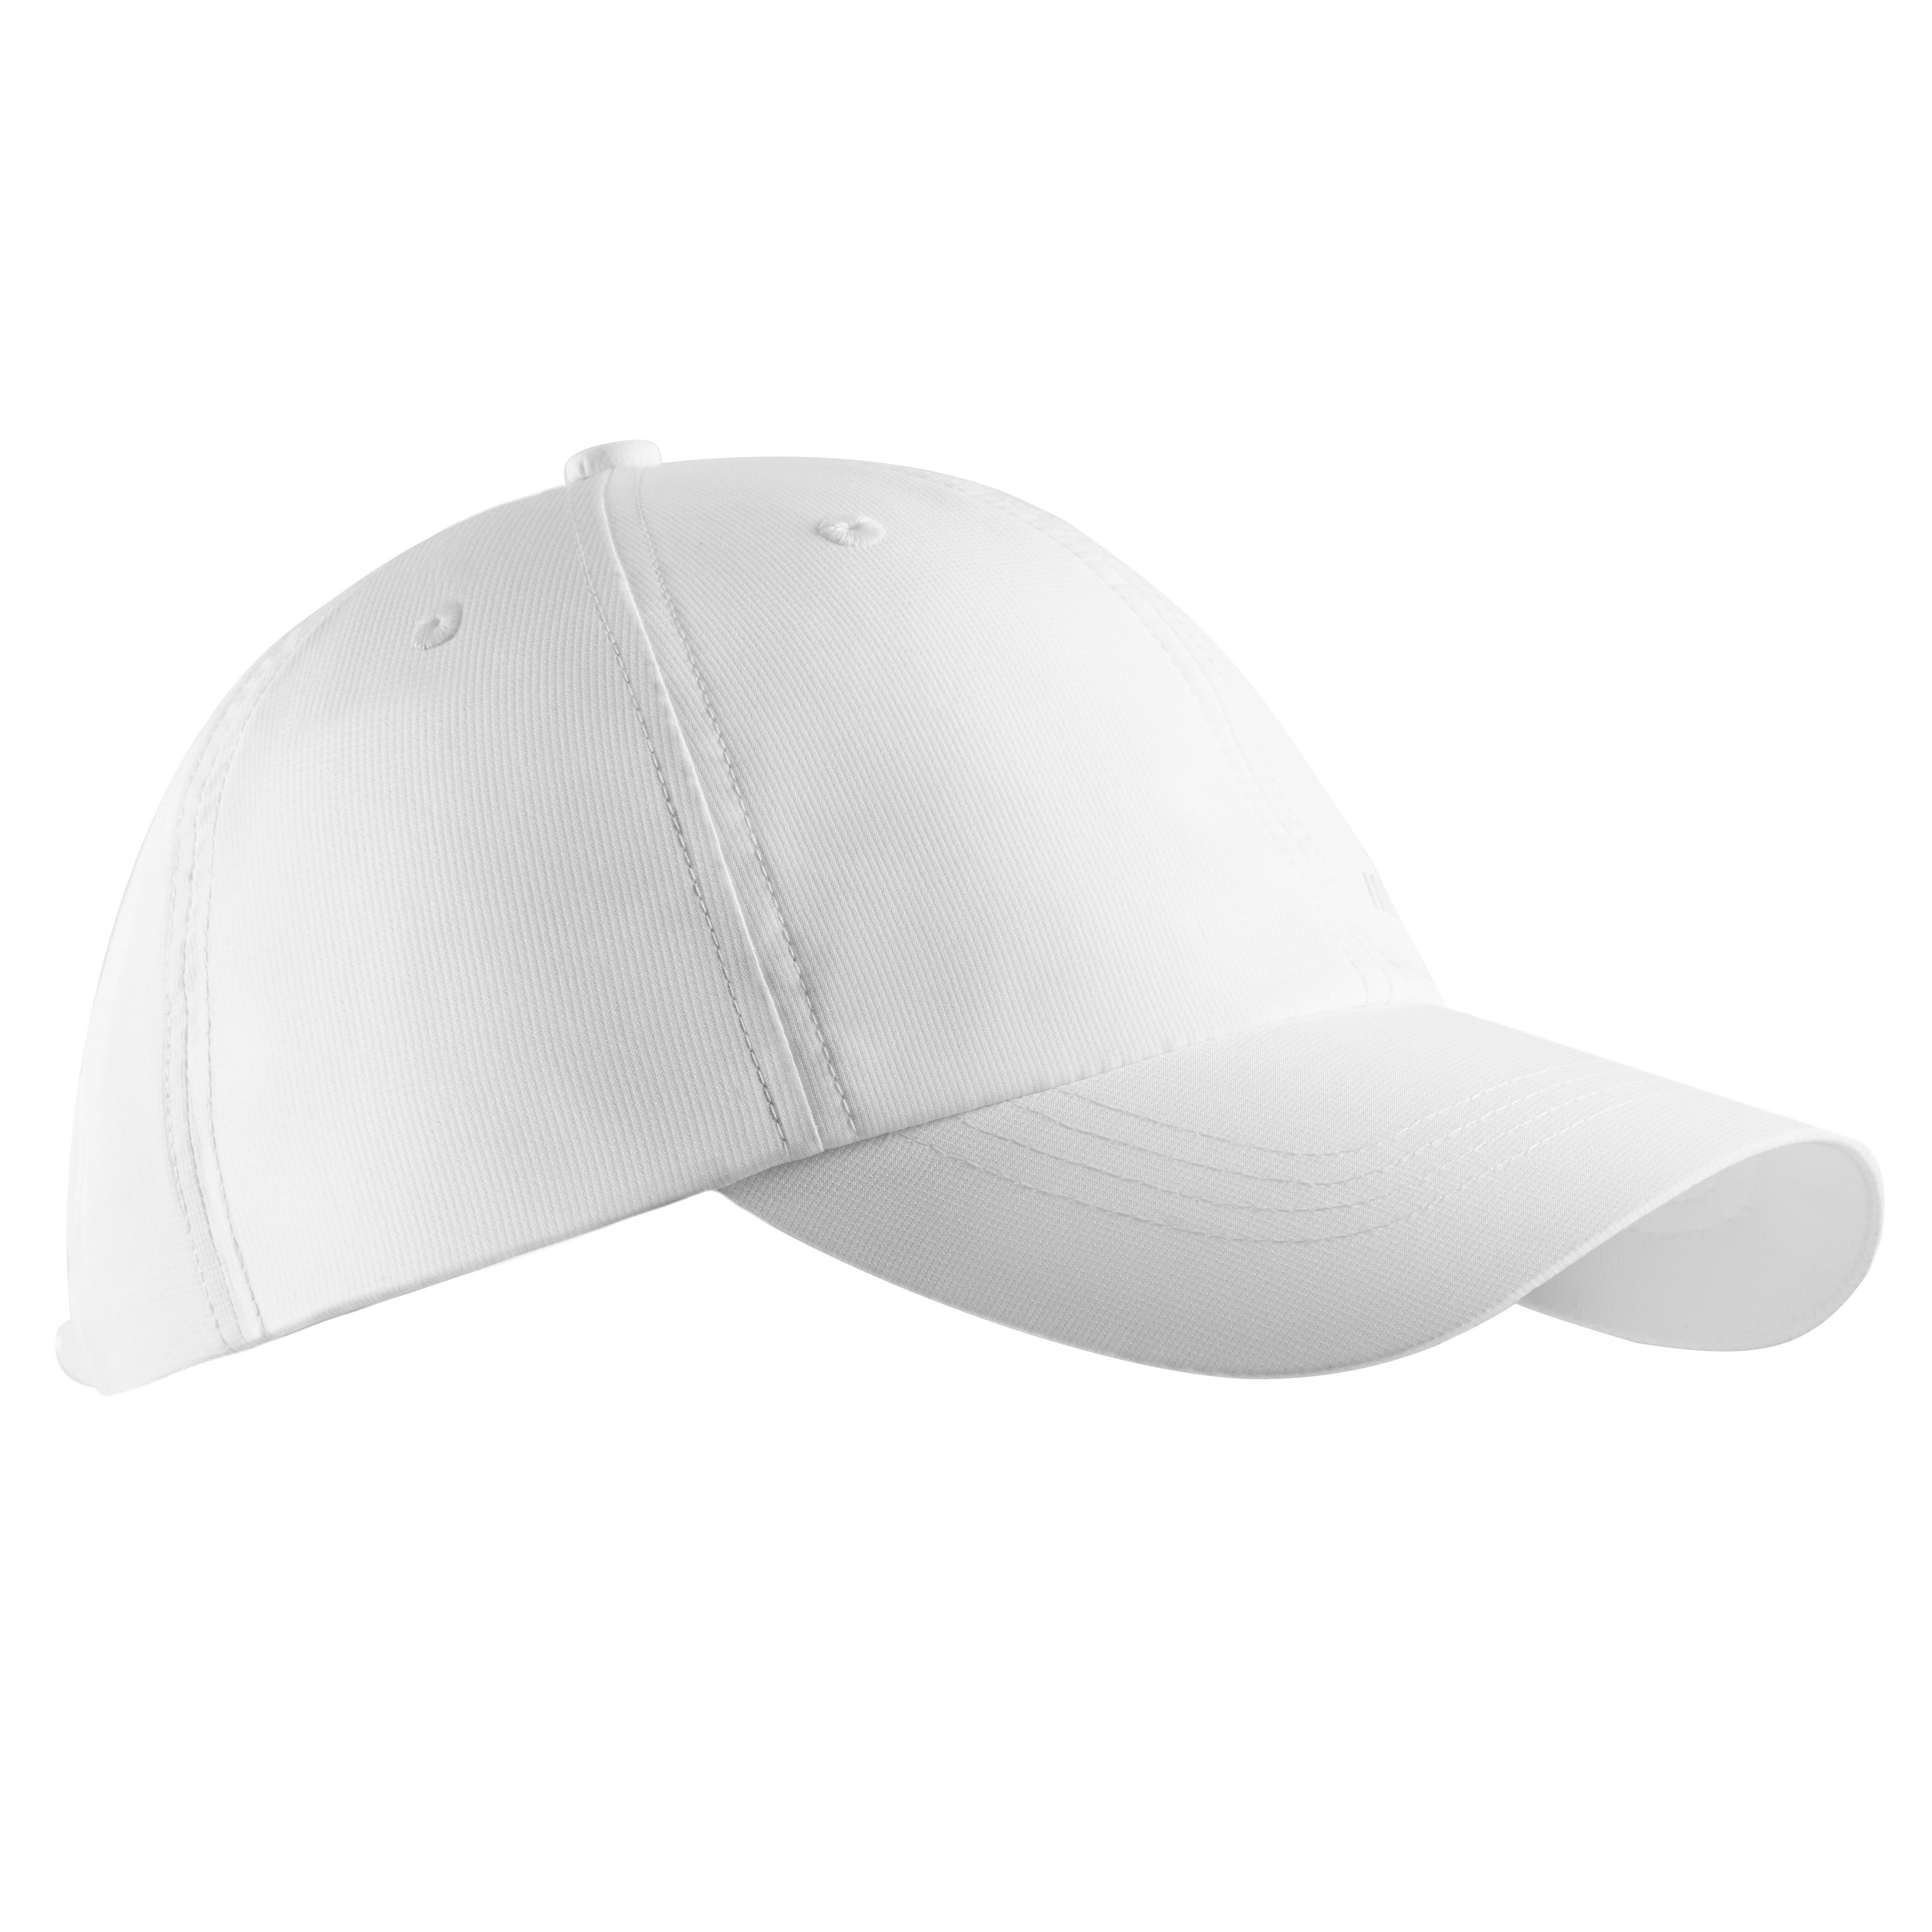 Şapcă Golf Alb Adulți la Reducere poza